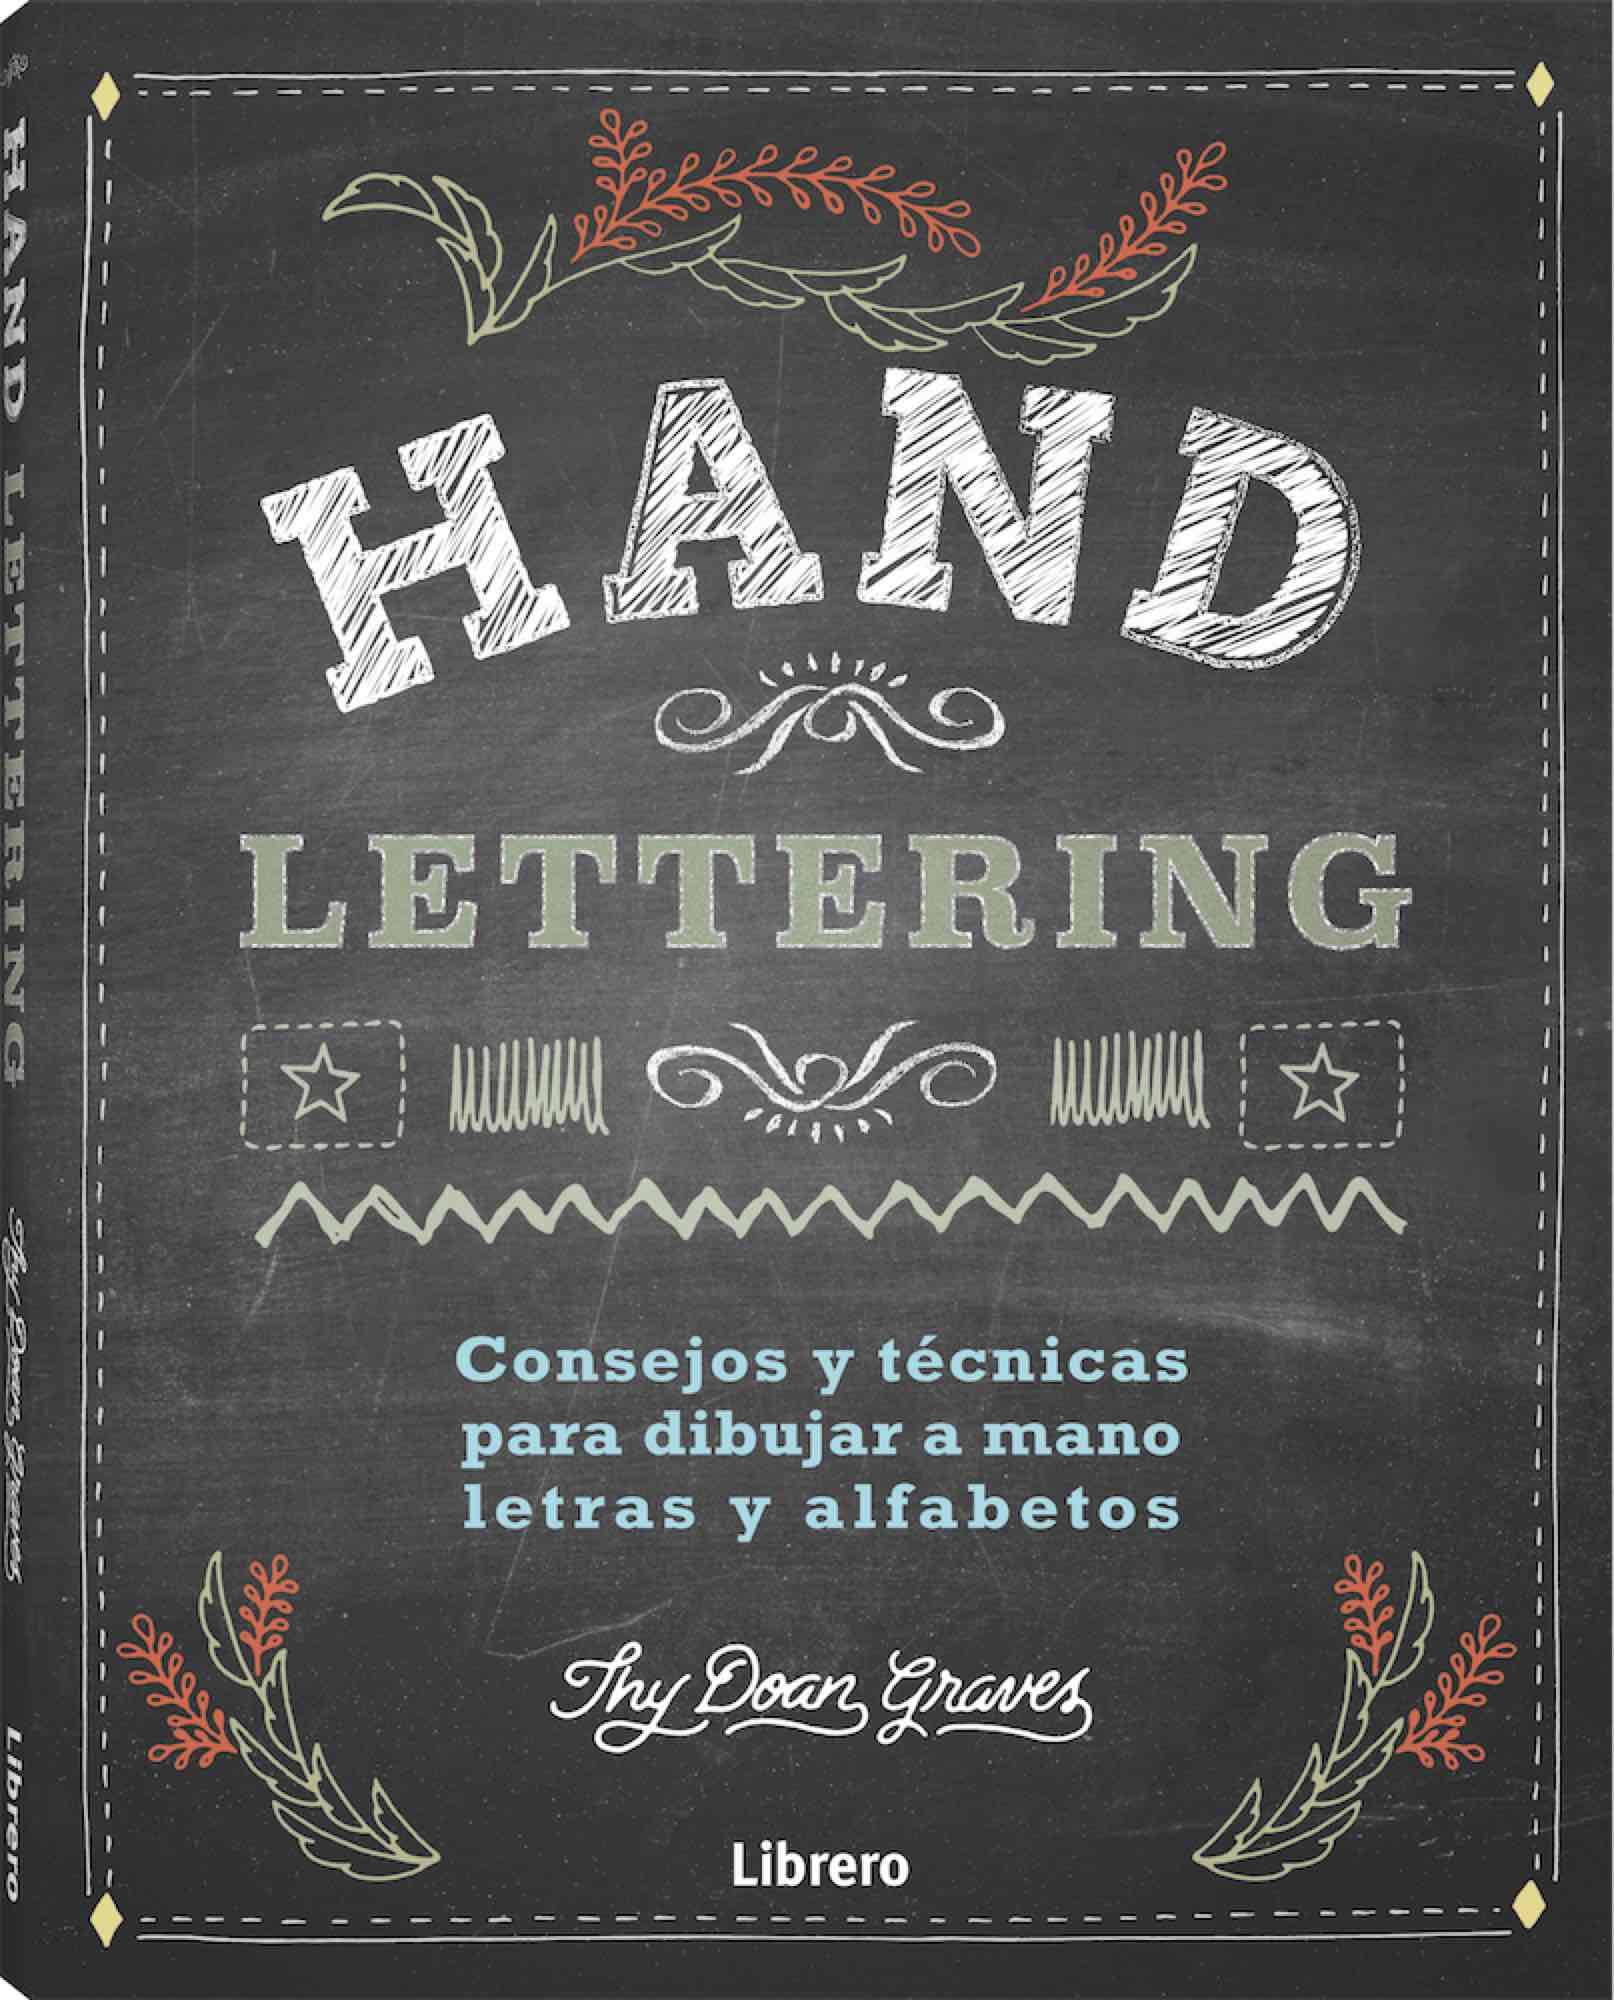 HAND LETTERING. CONSEJOS Y TECNICAS PARA DIBUJAR A MANO LETRAS Y ALFABETOS